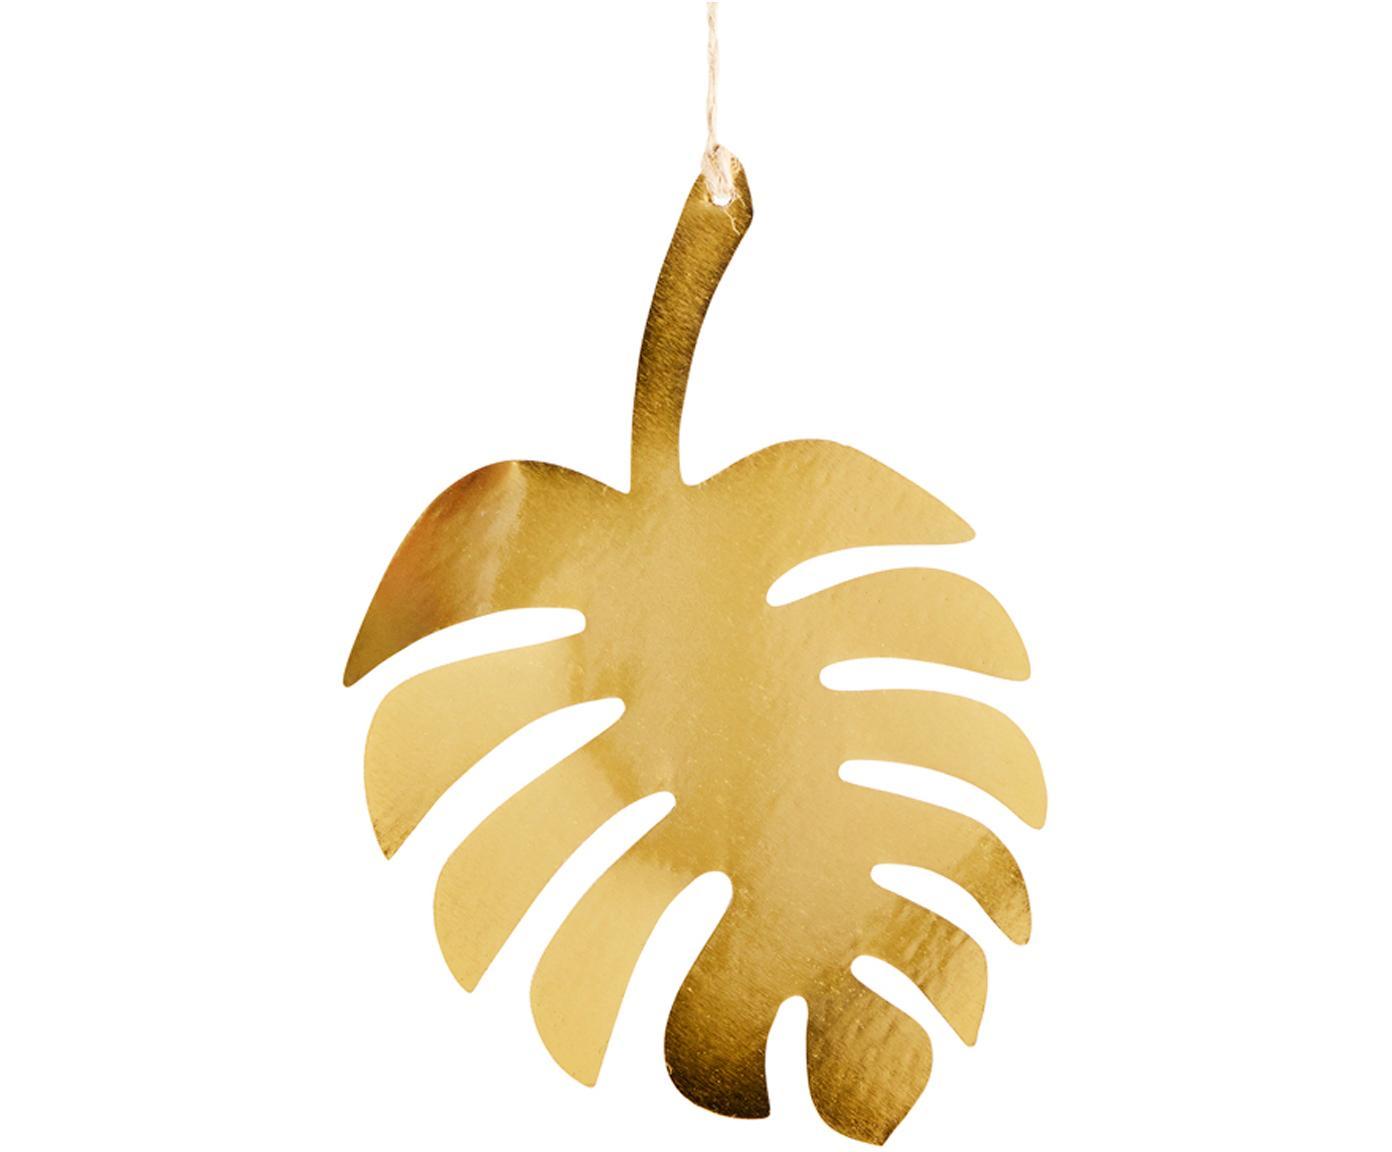 Dekoracja ścienna z metalu powlekanego Leaf, Metal powlekany, juta, Odcienie mosiądzu, S 12 x W 18 cm